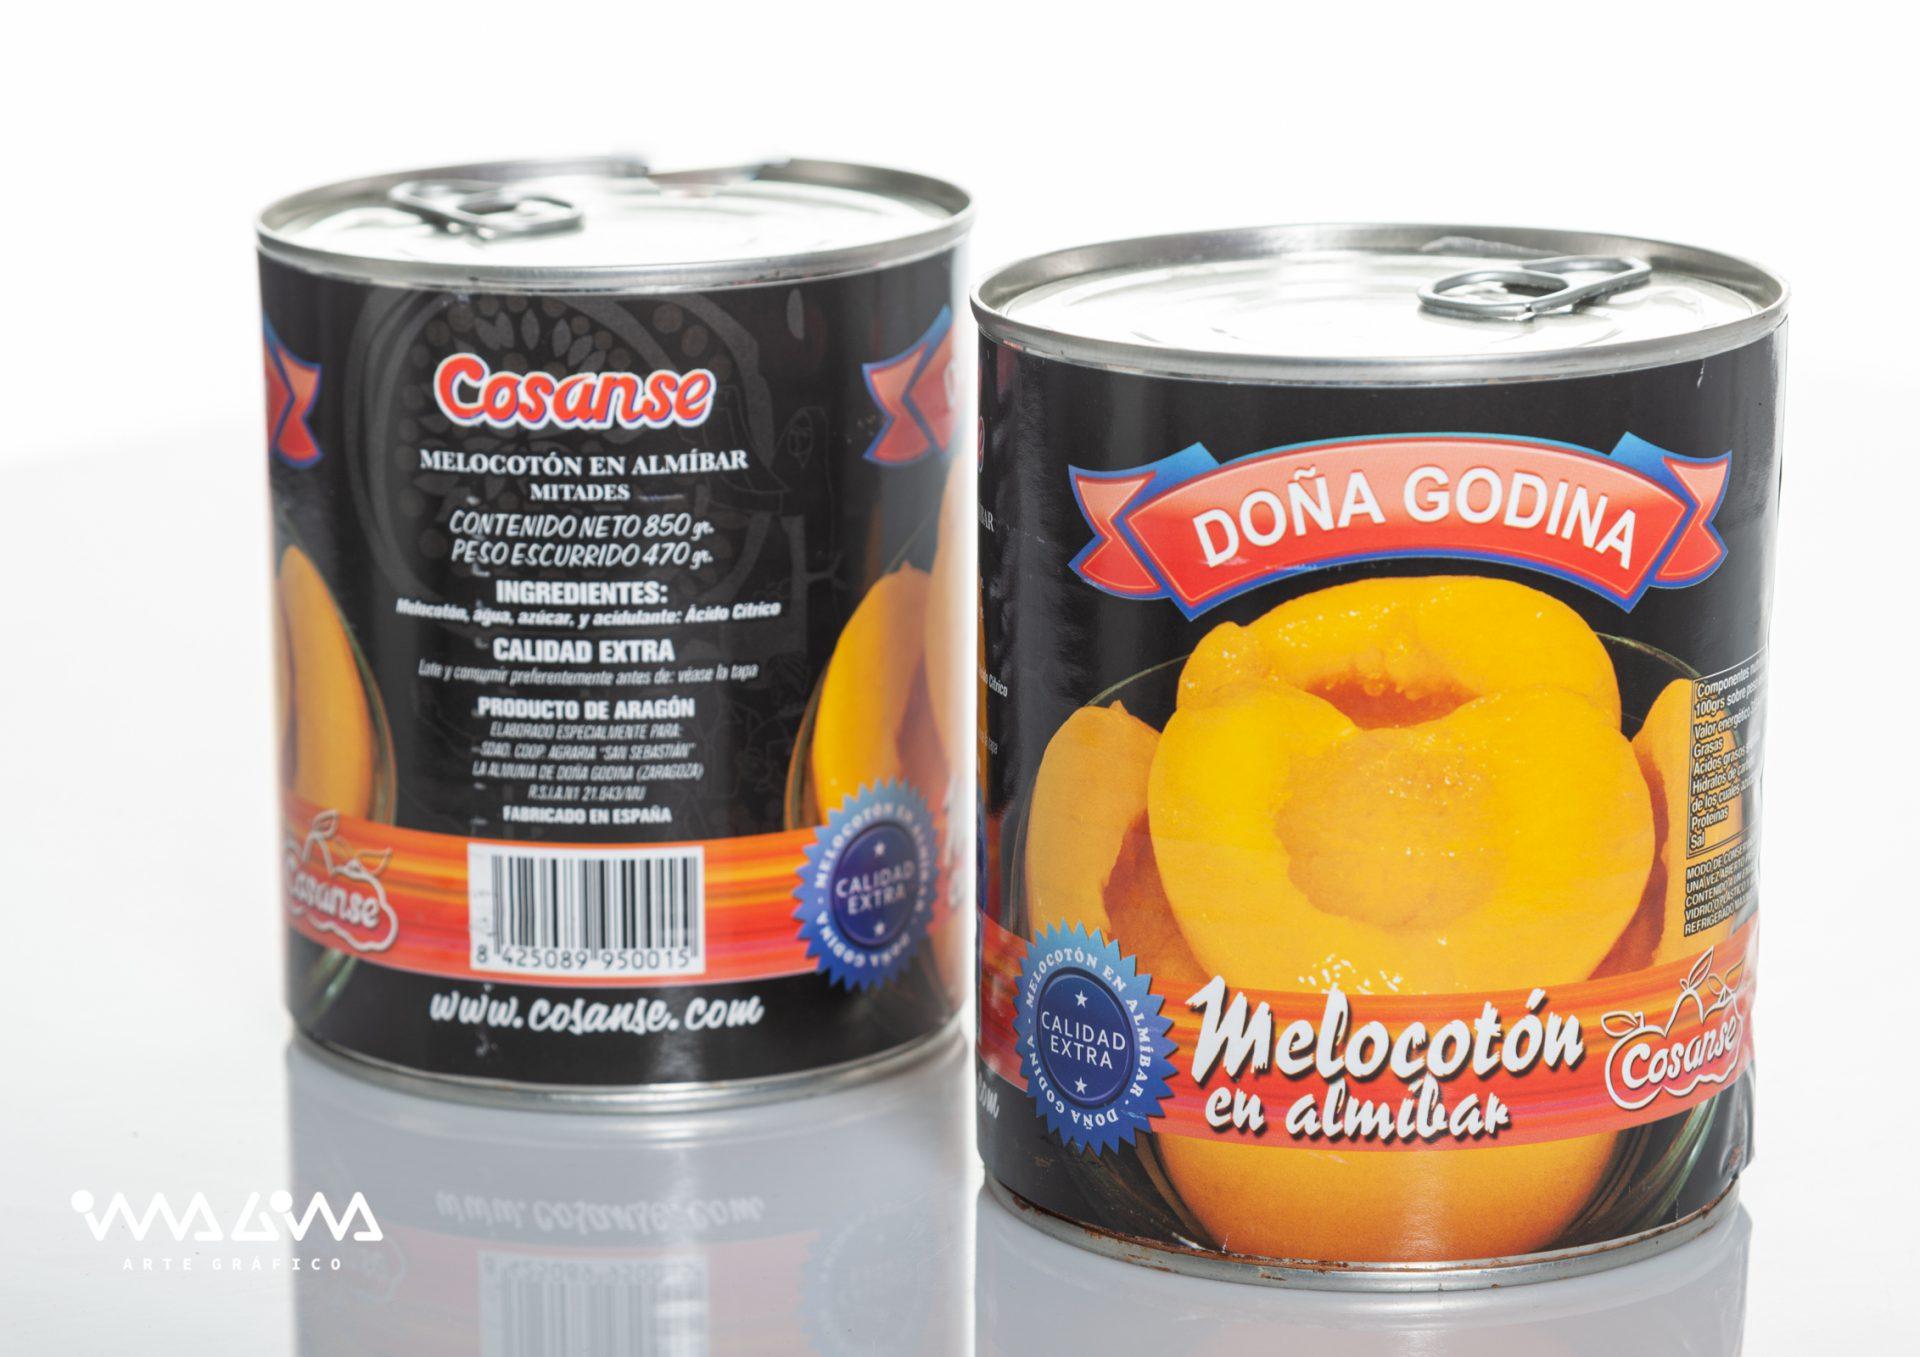 Envase melocotón en almíbar Doña Godina